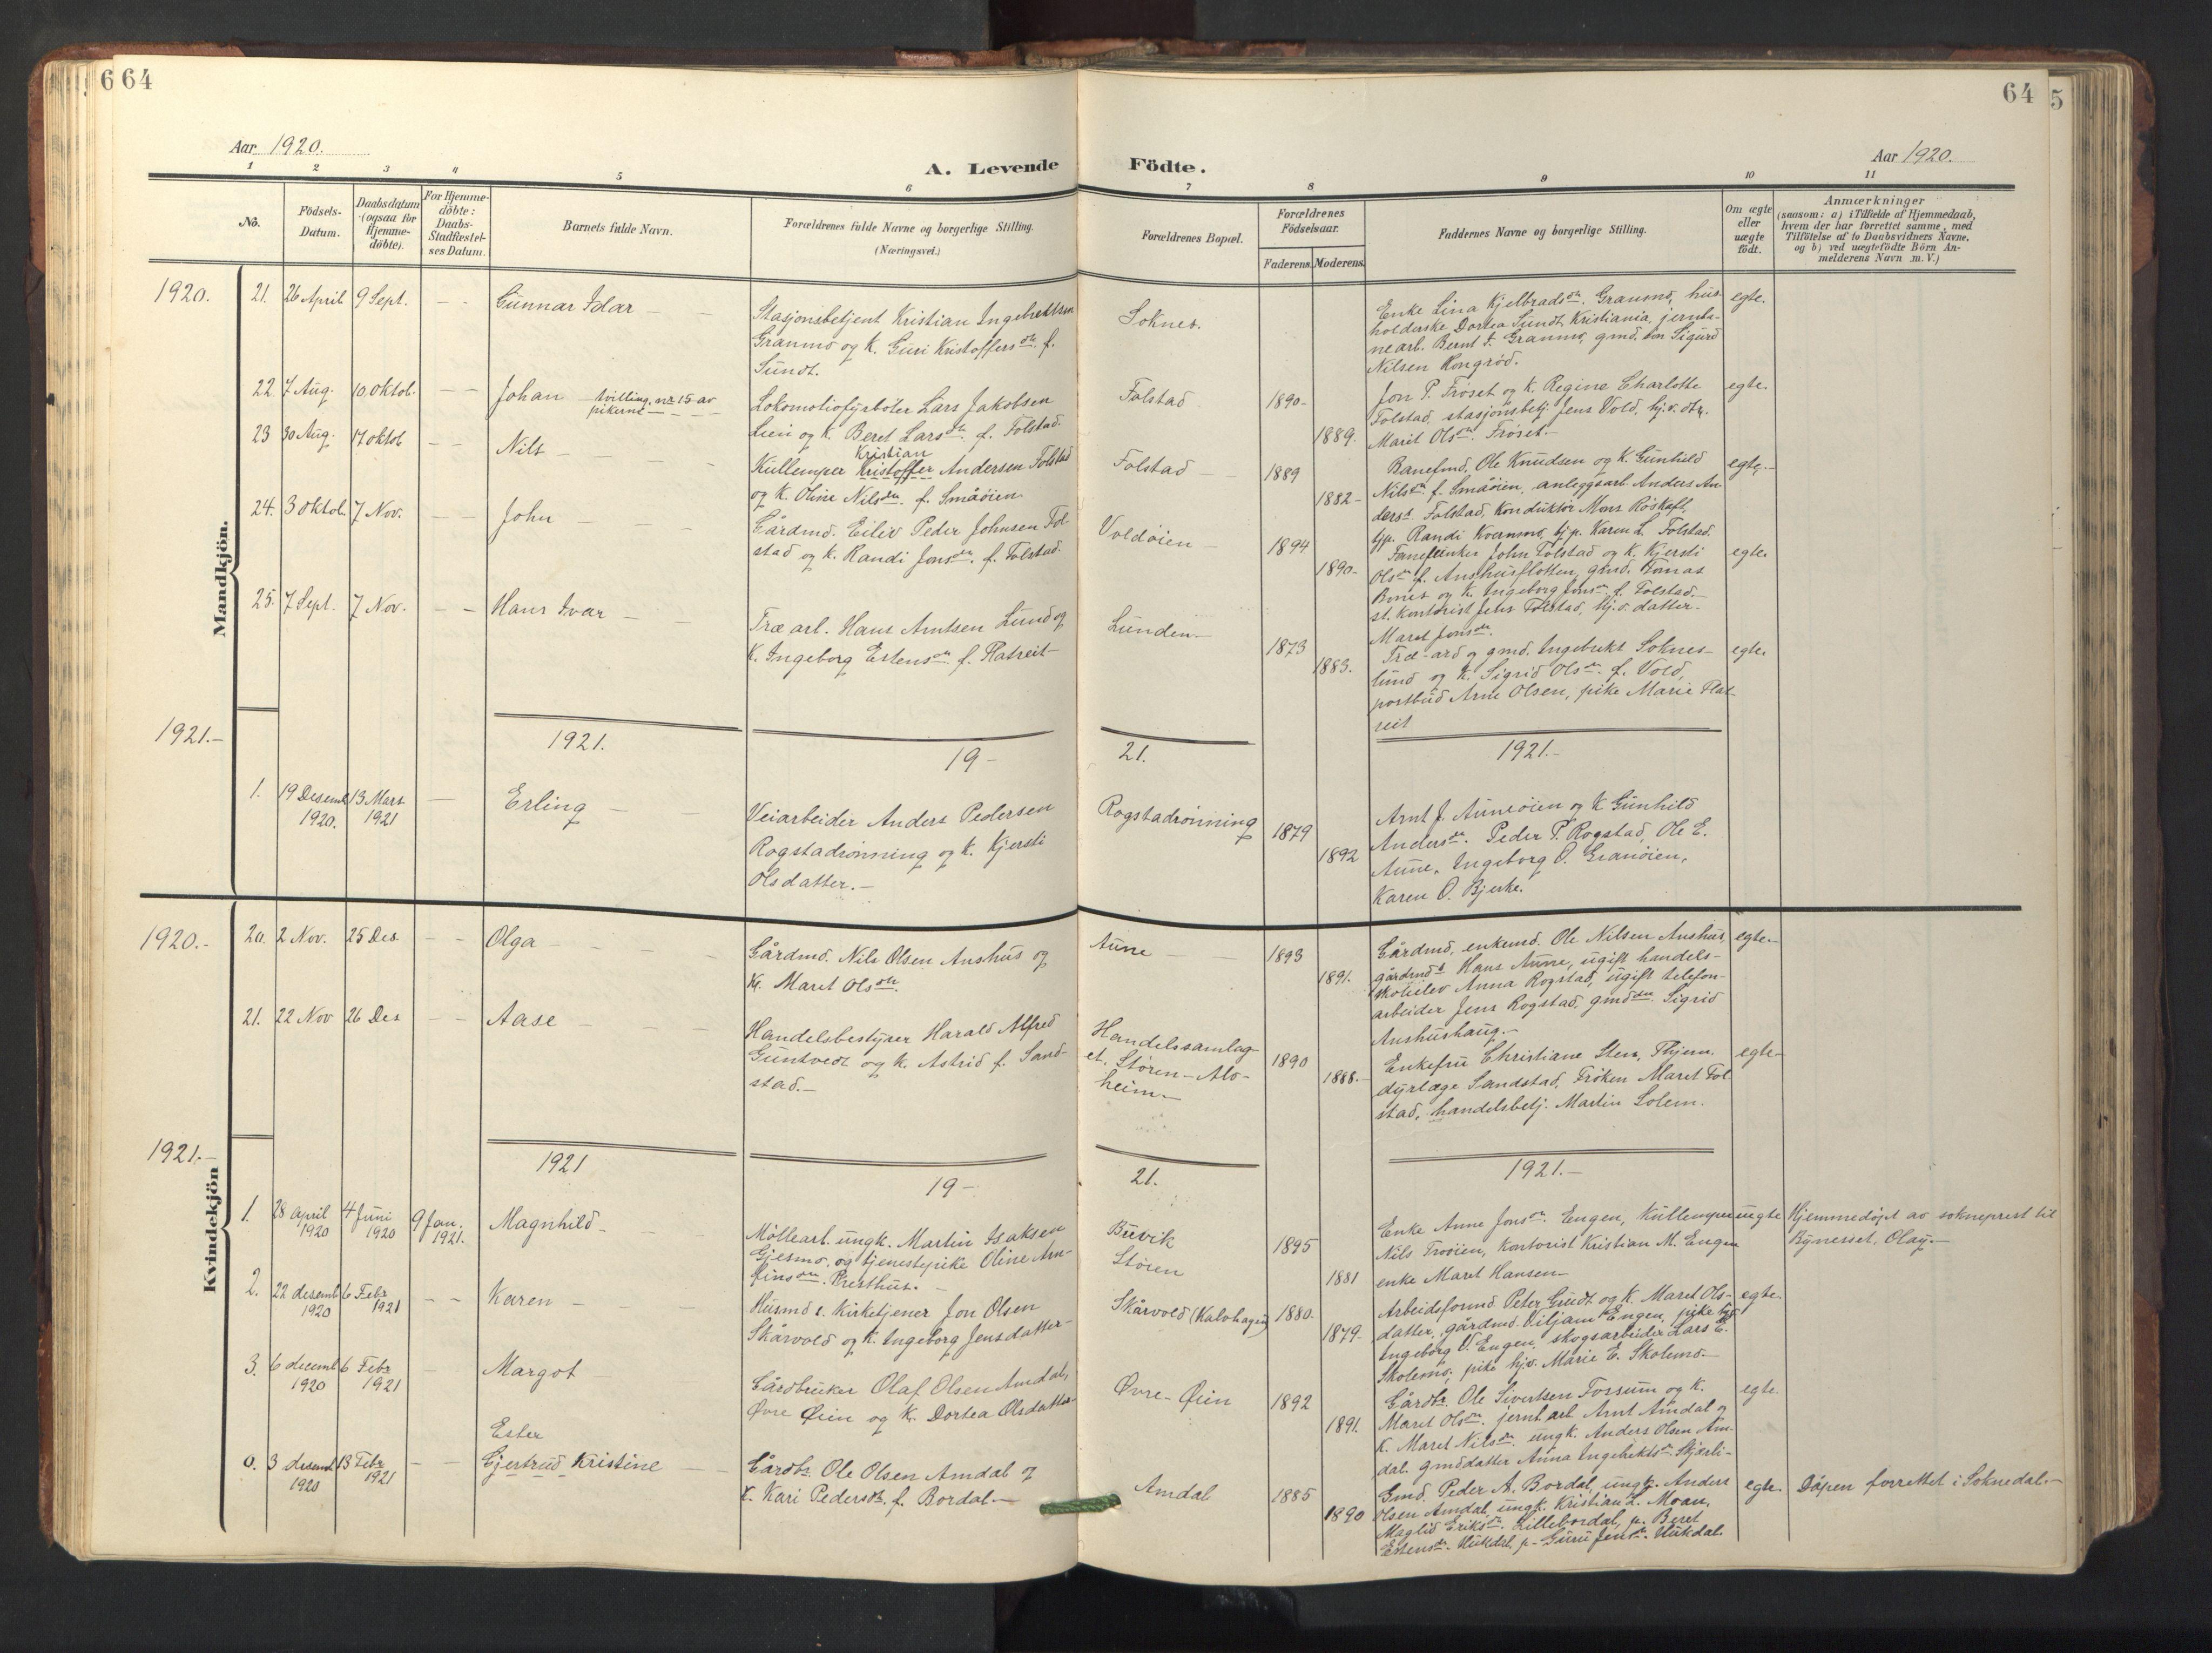 SAT, Ministerialprotokoller, klokkerbøker og fødselsregistre - Sør-Trøndelag, 687/L1019: Klokkerbok nr. 687C03, 1904-1931, s. 64